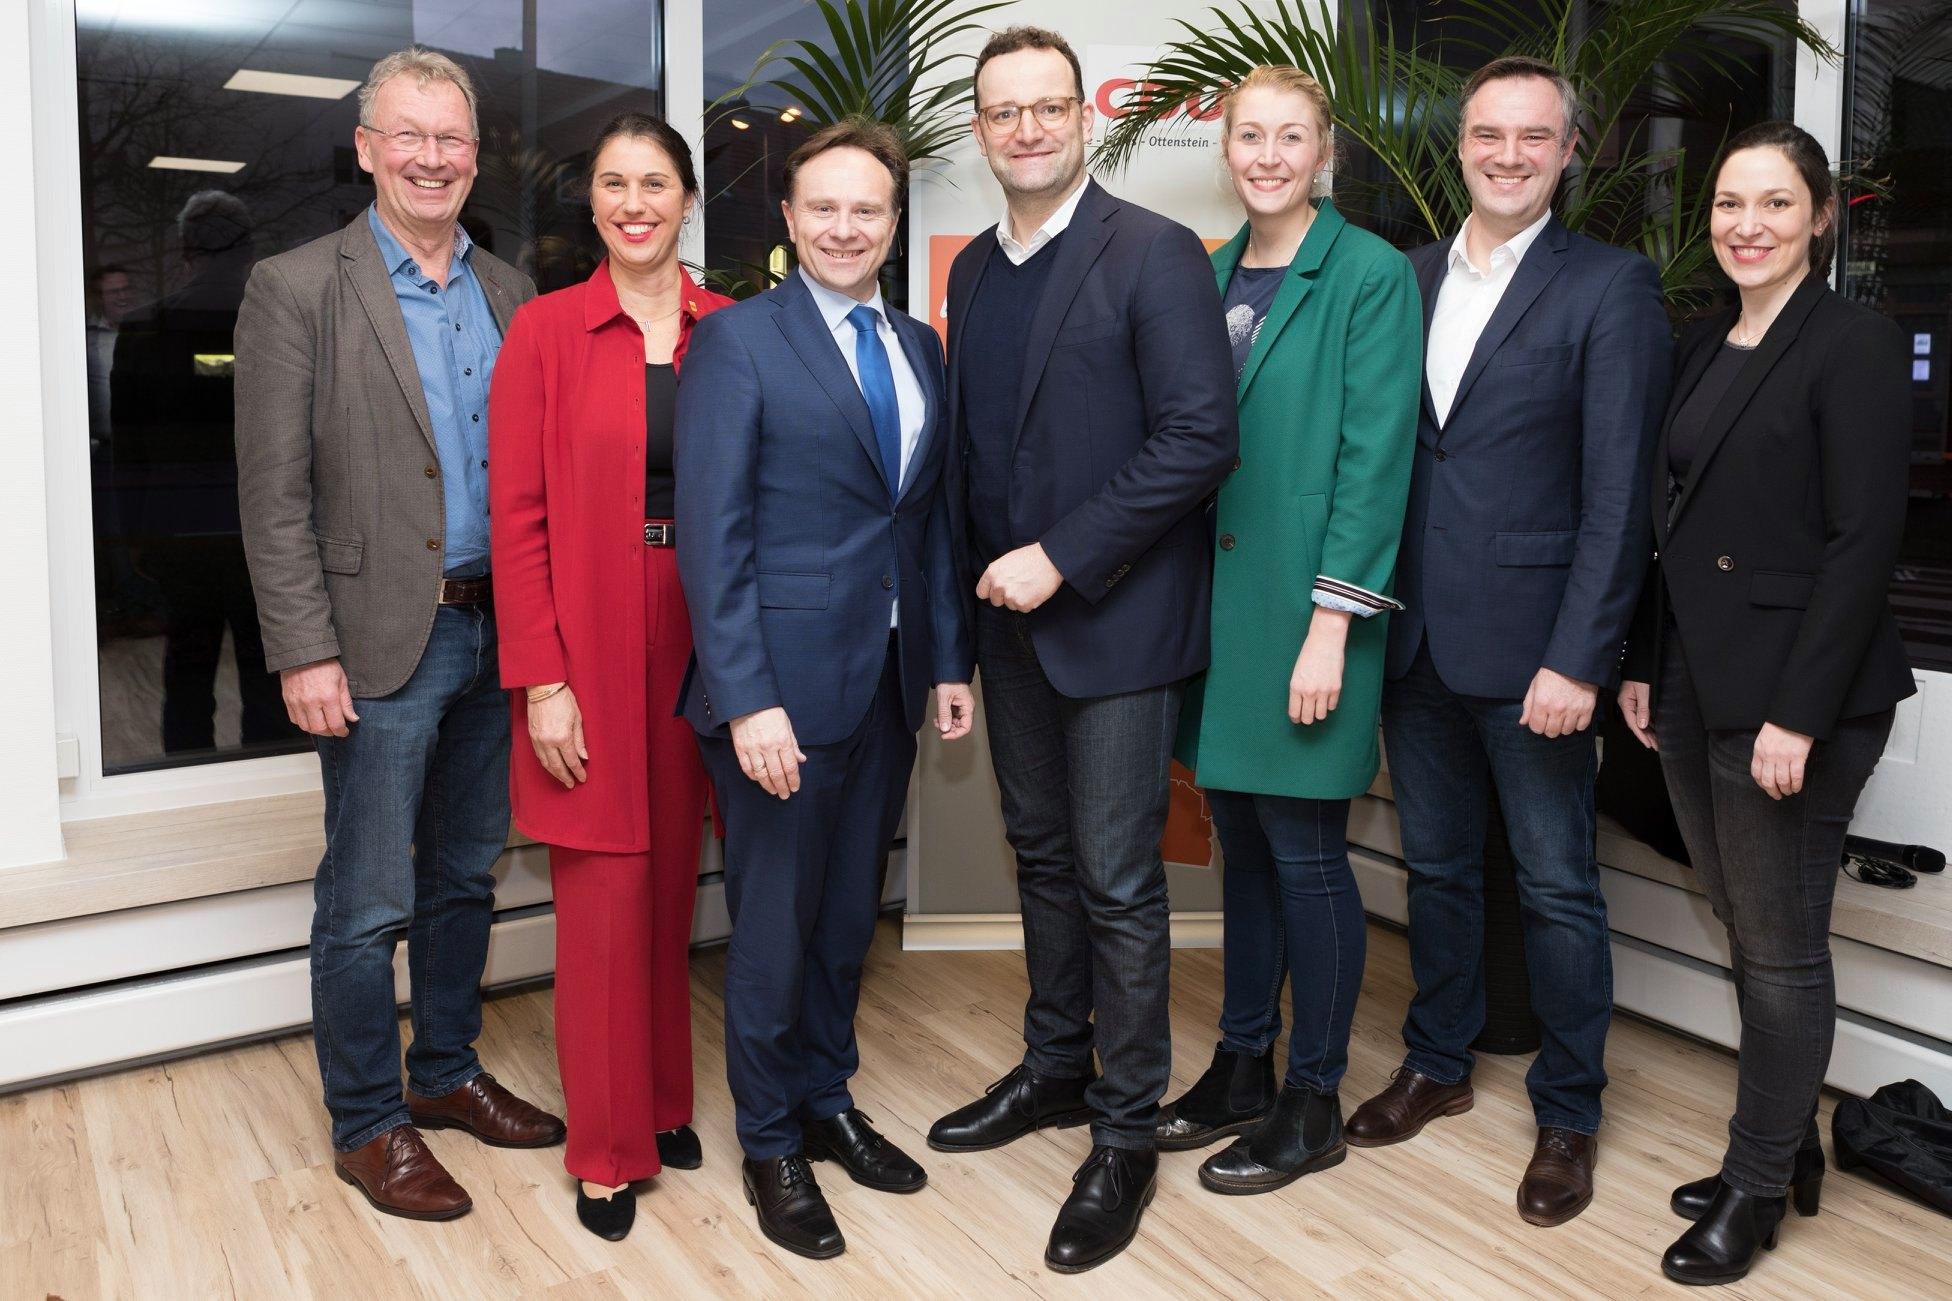 v.l.n.r. Jürgen Fellerhoff (stv. Kreisvorsitzender), Silke Sommers (stv. Landrätin), Dr. Kai Zwicker, Jens Spahn MdB (CDU-Kreisvorsitzender), Katharina Detert (stv. Kreisvorsitzende), Dr. Michael Räckers (BM-Kandidat der CDU Ahaus) und Heike Wermer MdL